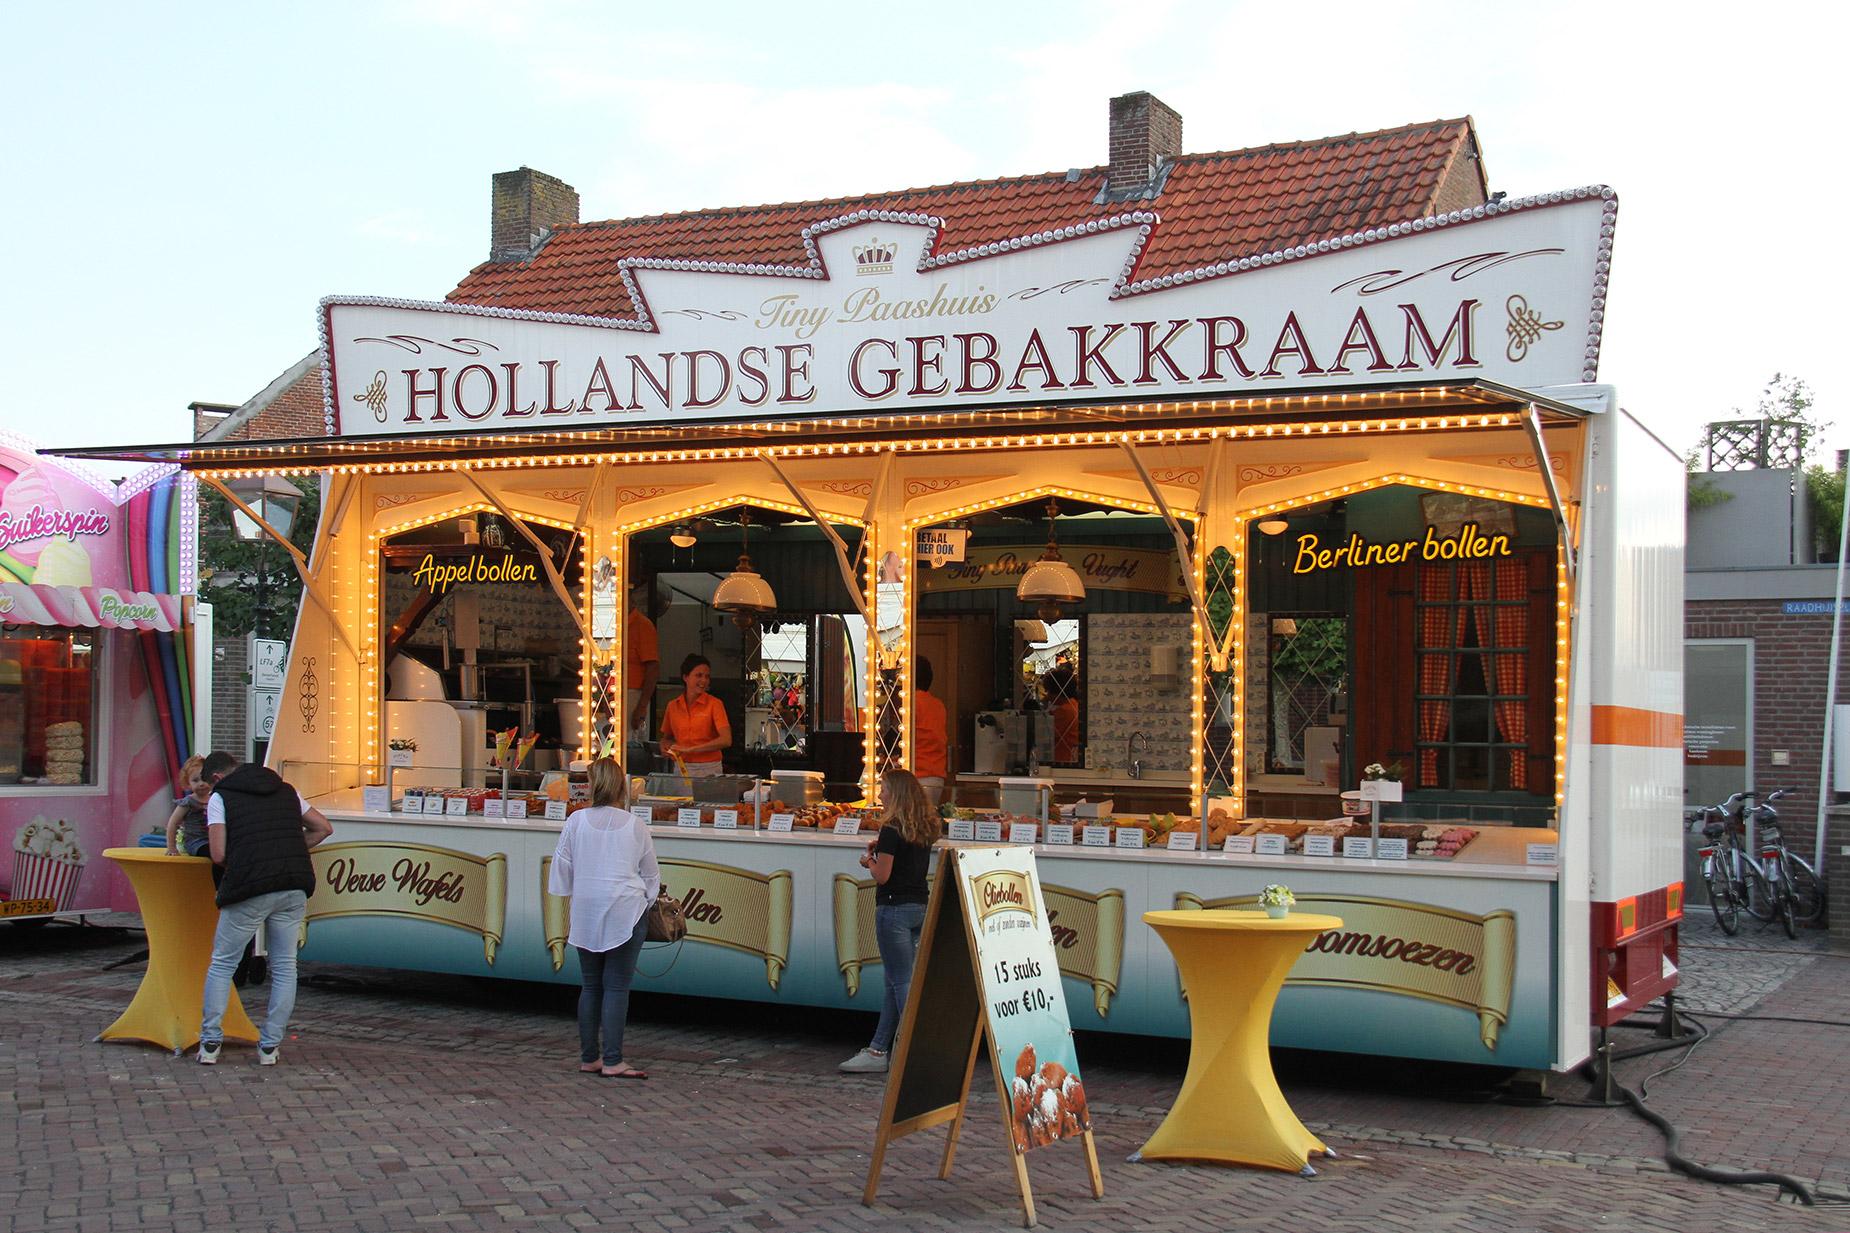 Tiny Paashuis , Hollandse Gebakkraam